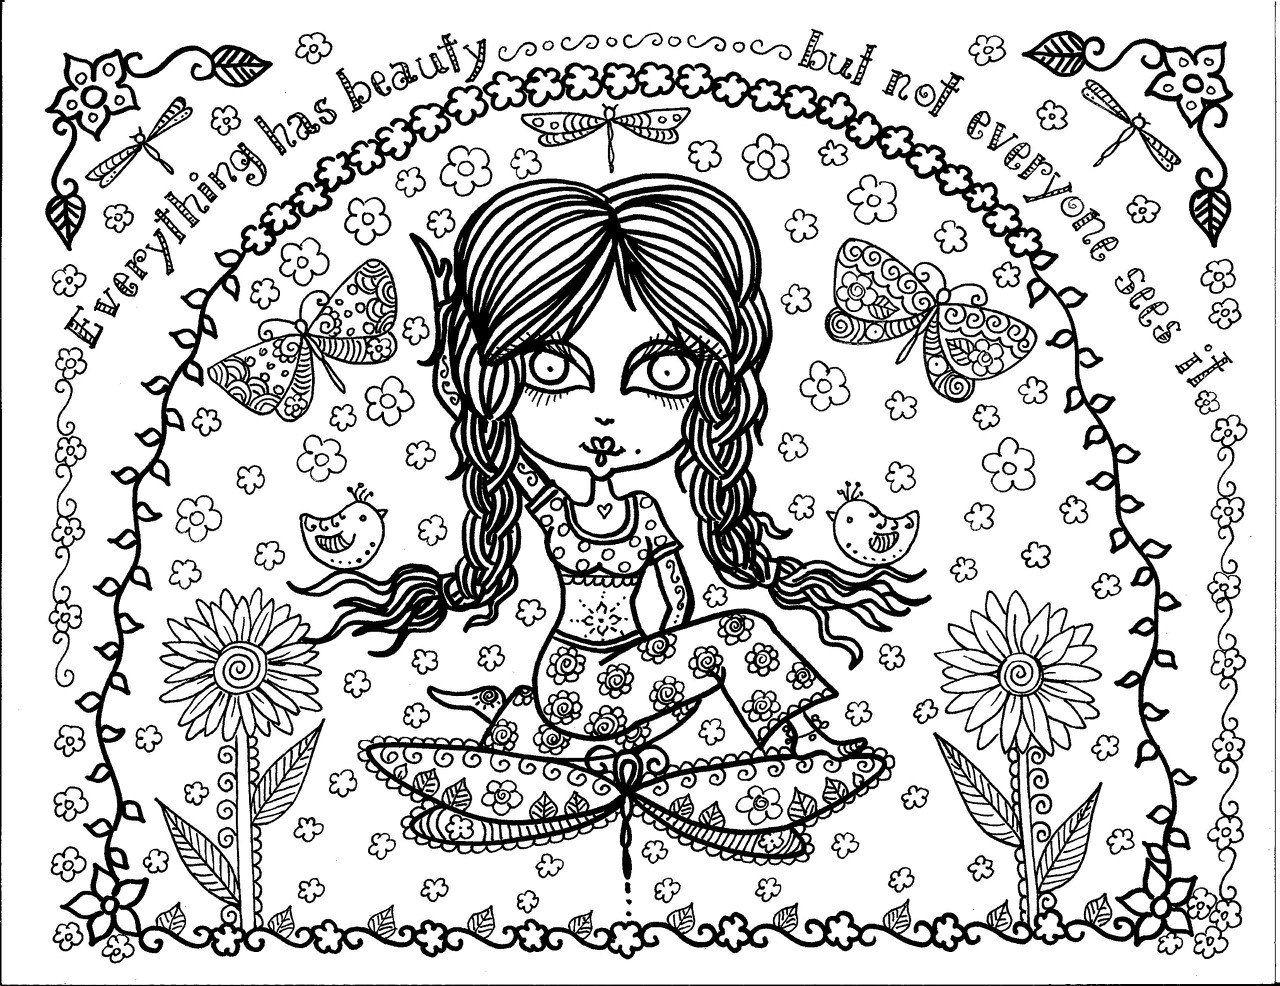 арт йога раскраска антистресс распечатать (5) - Рисовака